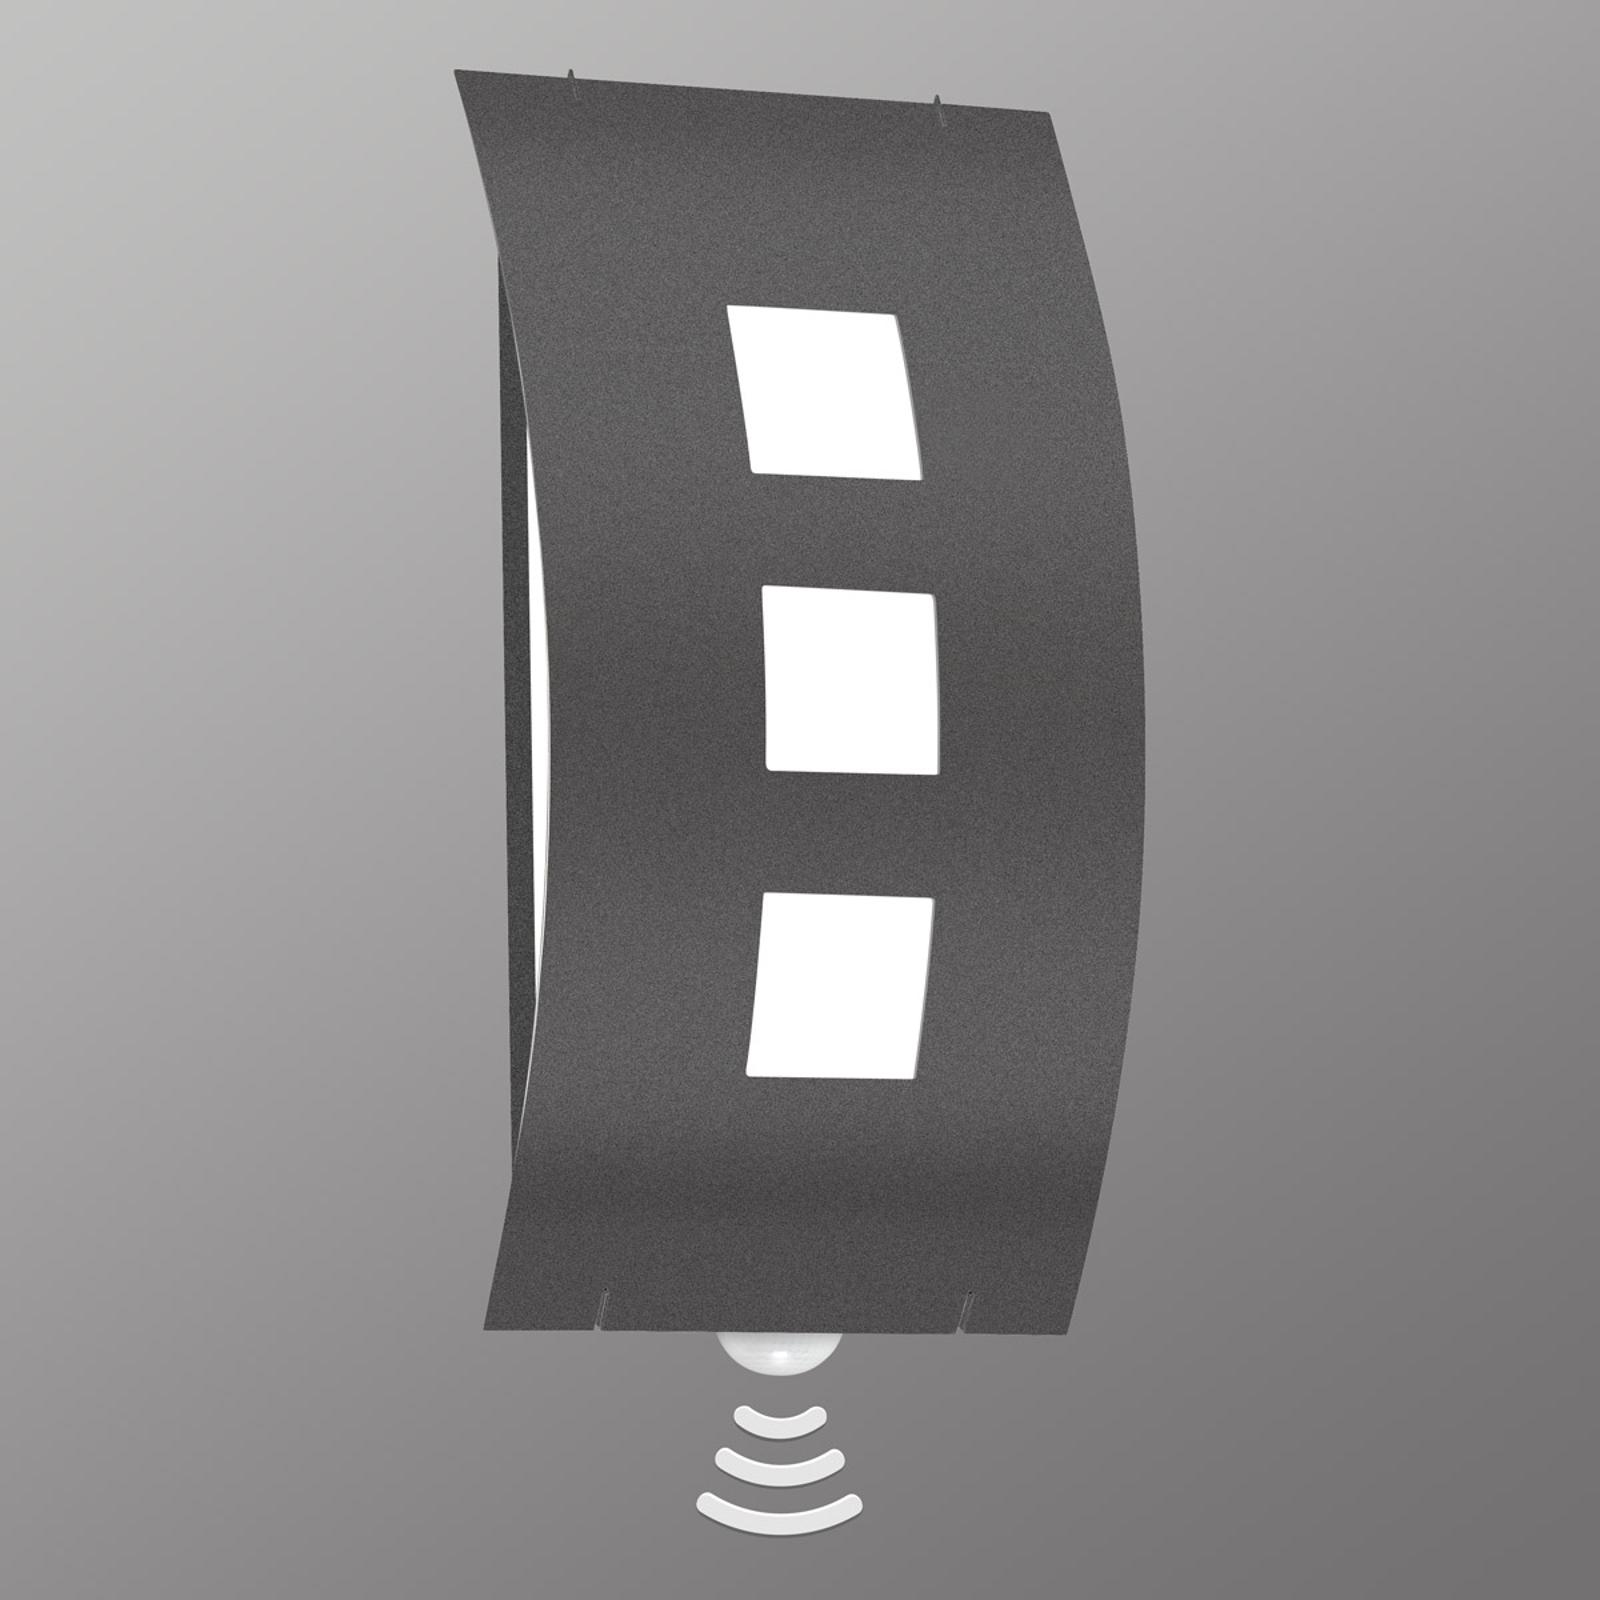 Eenvoudige buitenwandlamp Graal, met sensor